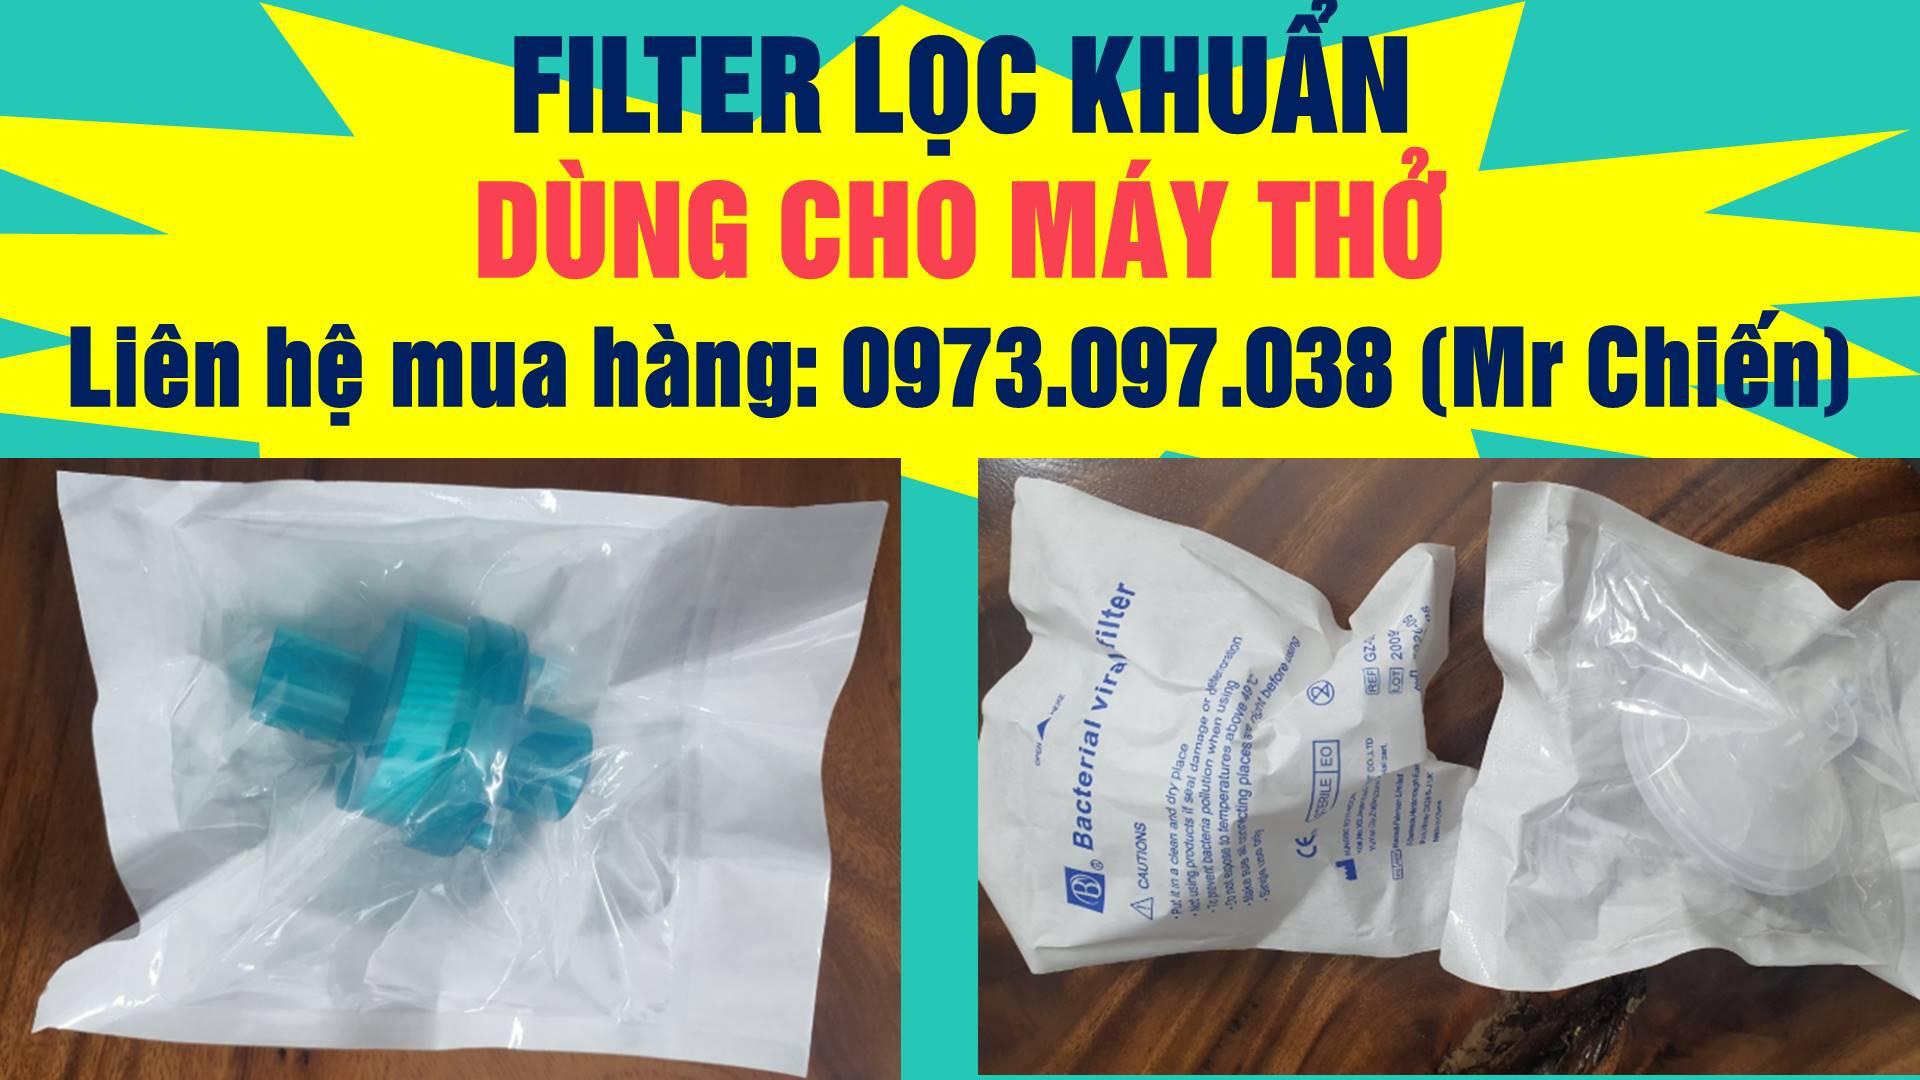 Filter lọc khuẩn | Filter lọc khuẩn 3 chức năng dùng cho máy thở